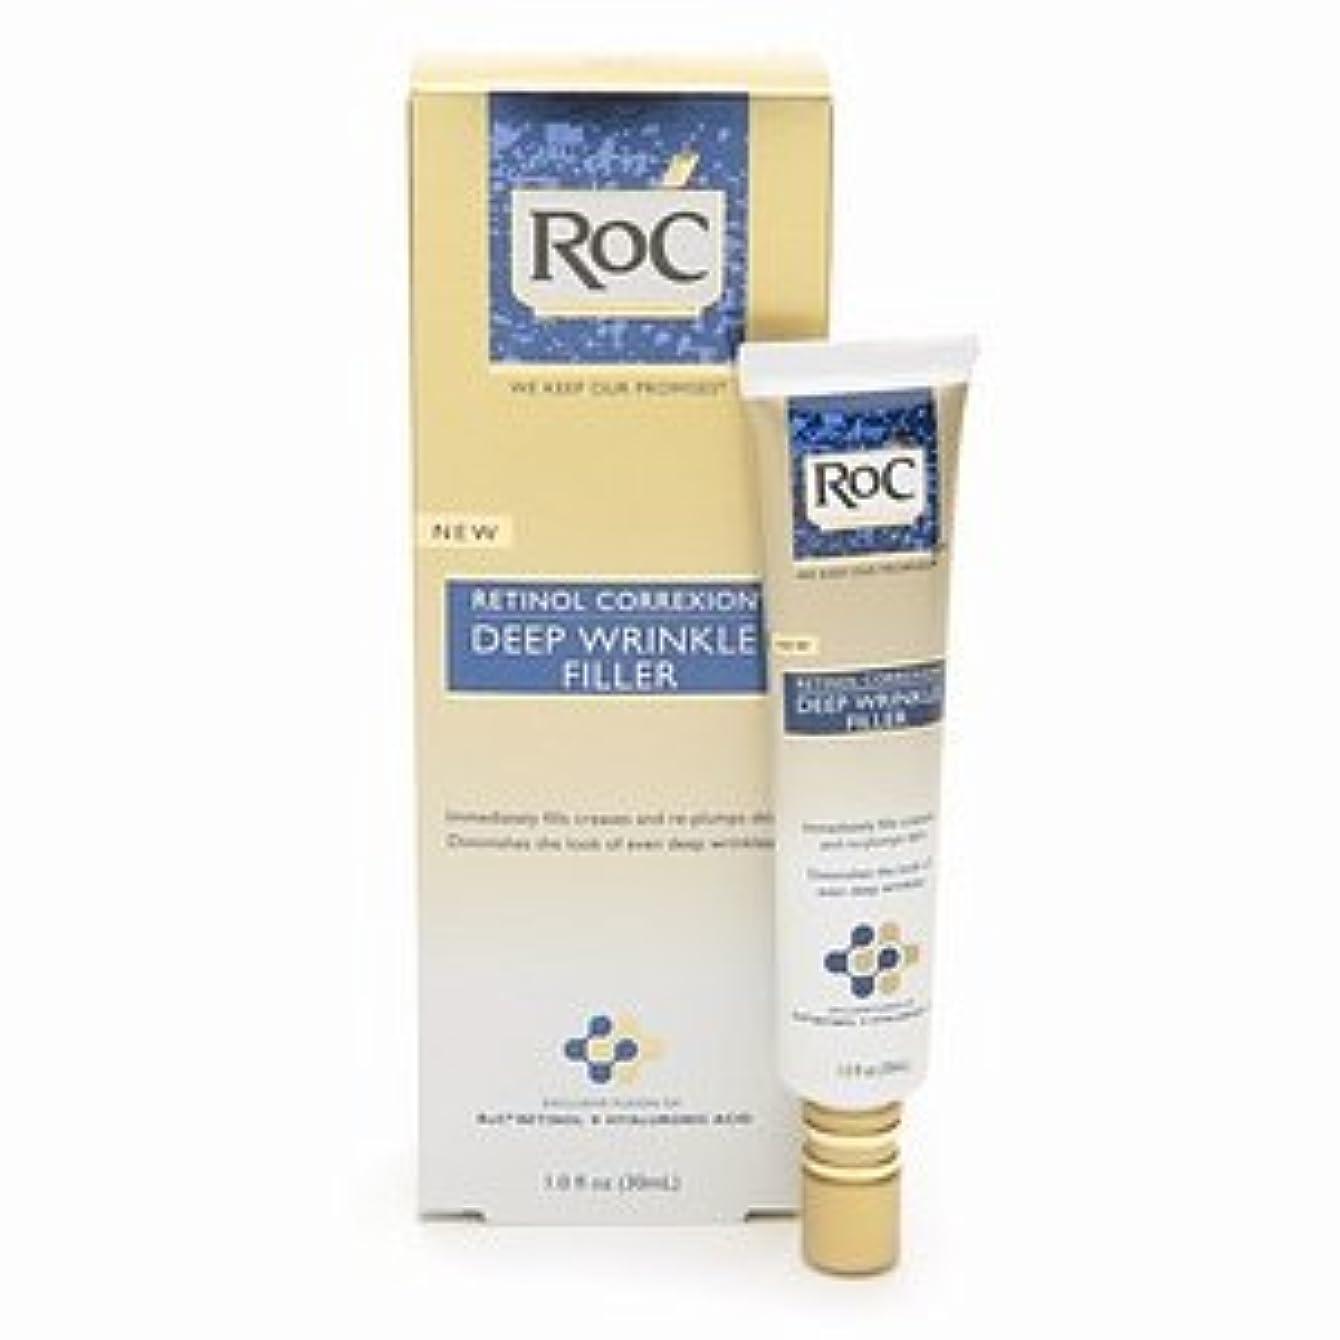 アロングマーカーラジカルRoC レチノール コレクション ディープリンクル フィラー RoC Retinol Correxion Deep Wrinkle Filler